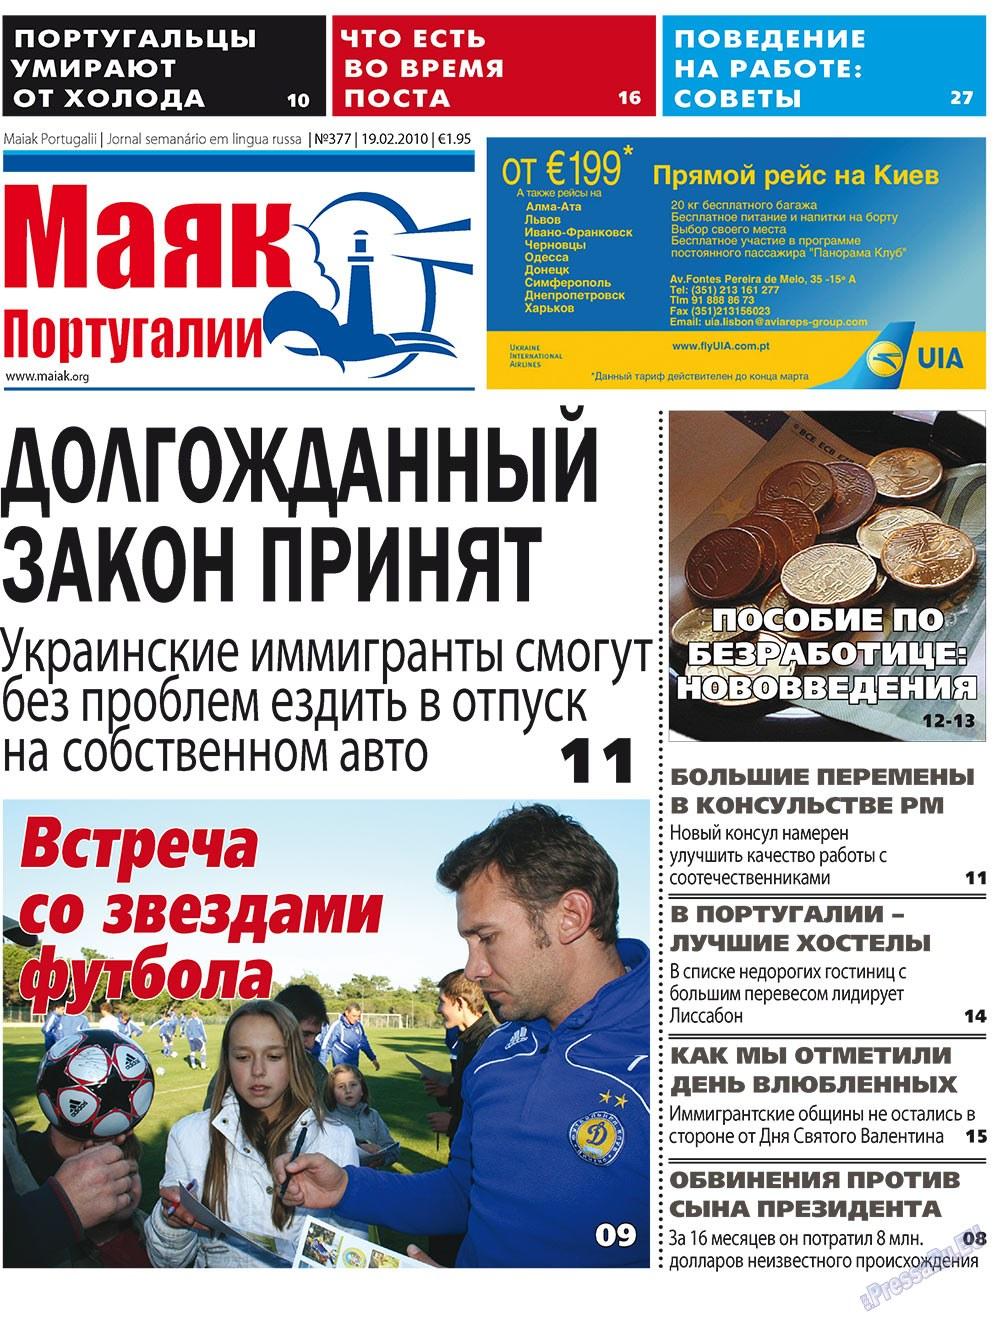 Маяк Португалии (газета). 2010 год, номер 377, стр. 1